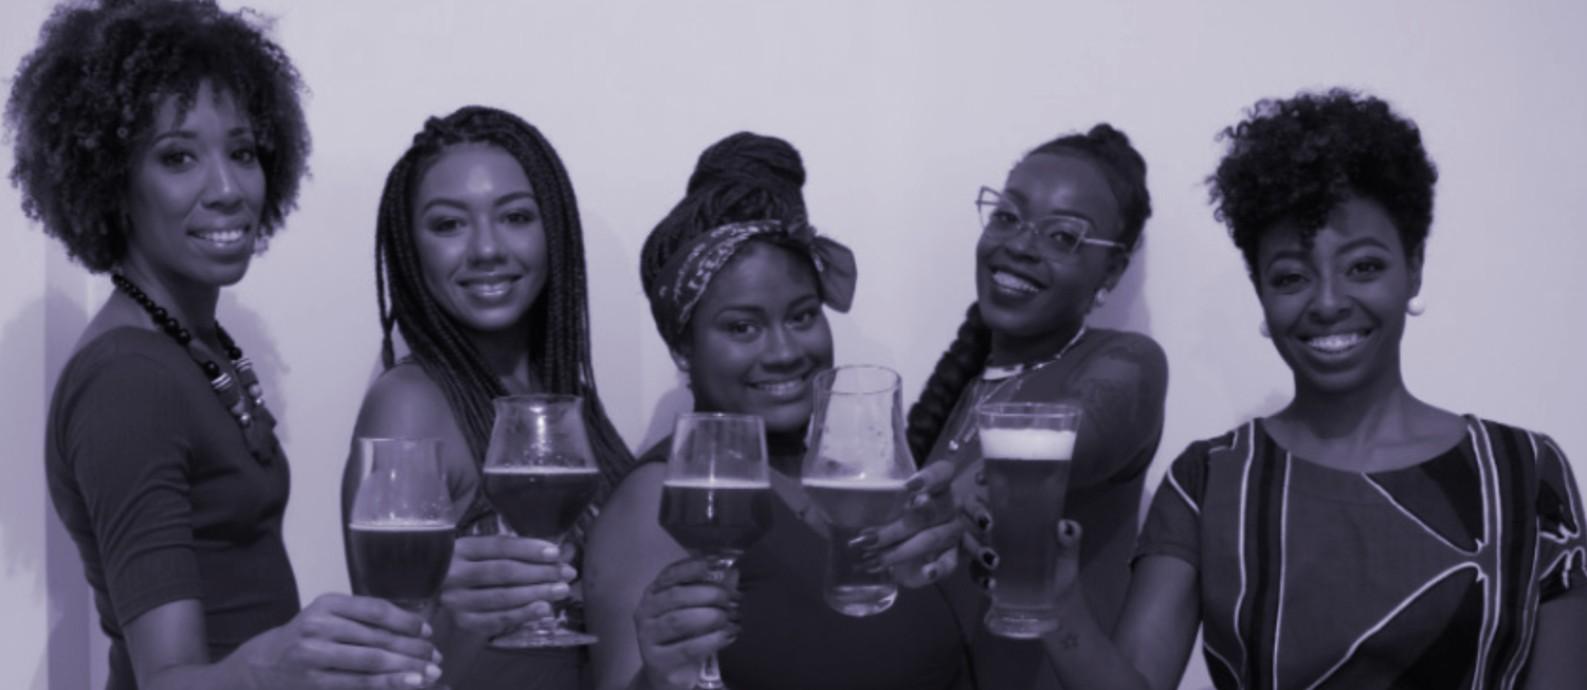 O Pretas Cervejeiras é formado por Maria Eduarda Vitorino, 28, Juliana Barauna, 33, Lorena Coimbra, 31, Jaciana Melquiades, 36, Stefani Nascimento, 28, e Thayná Trindade, 31 Foto: Arquivo Pessoal